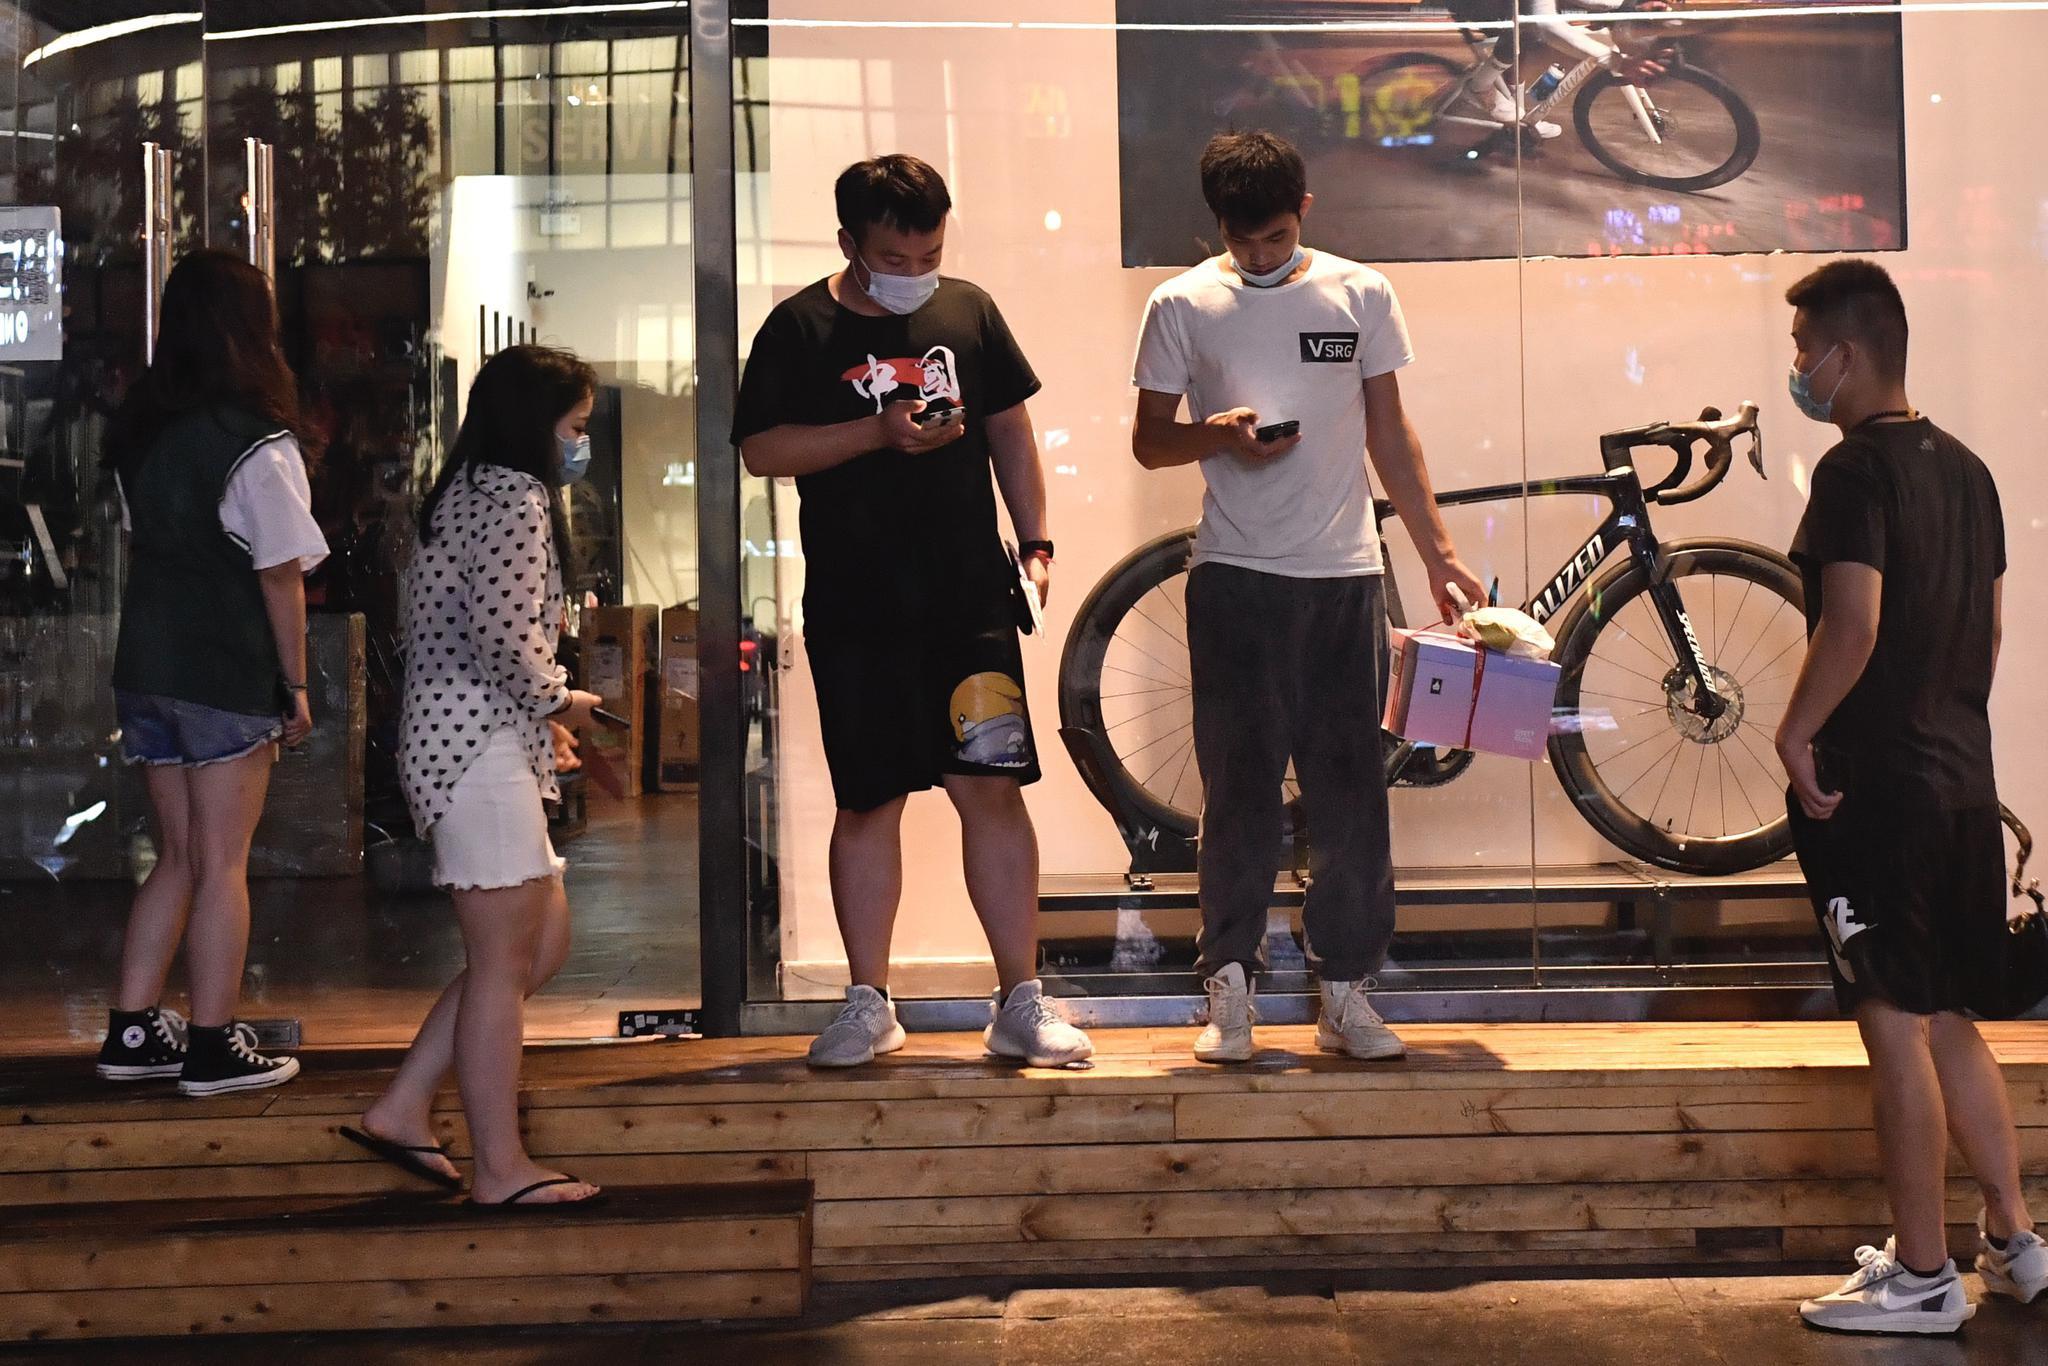 △西大望路附近,没带雨具的市民在躲雨。摄影/新京报记者吴宁